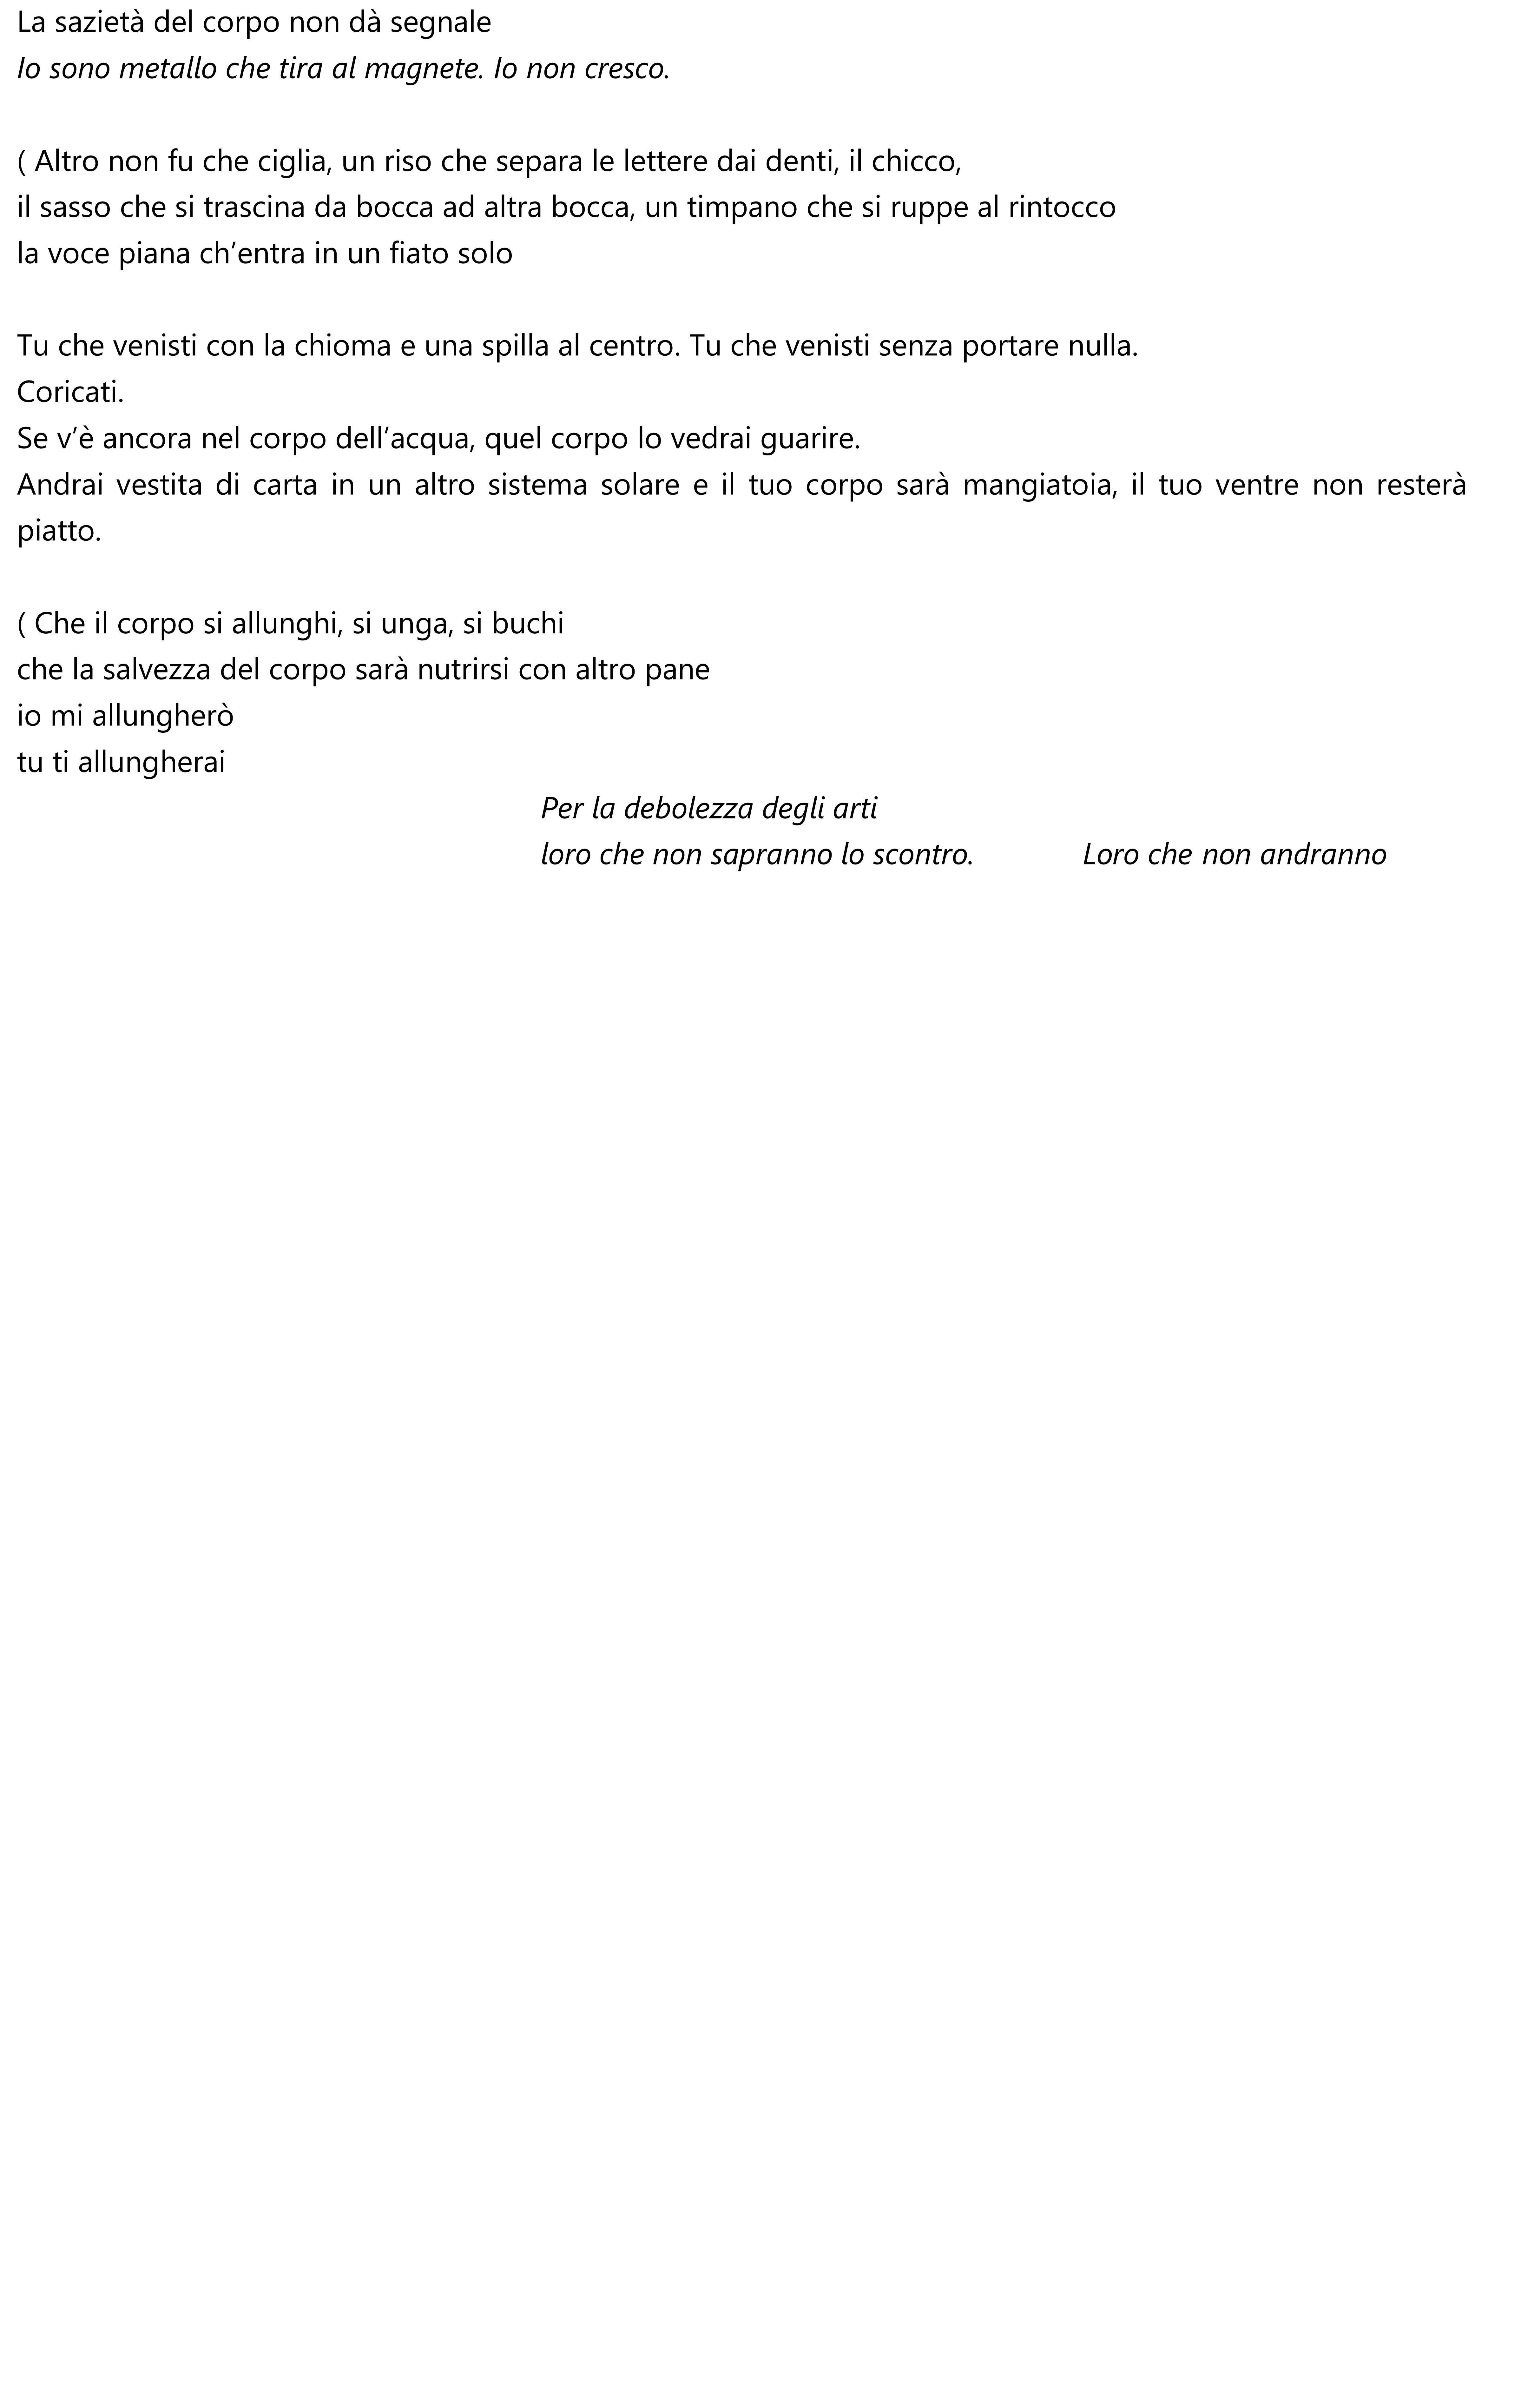 oz - estratti (utsanga)-2